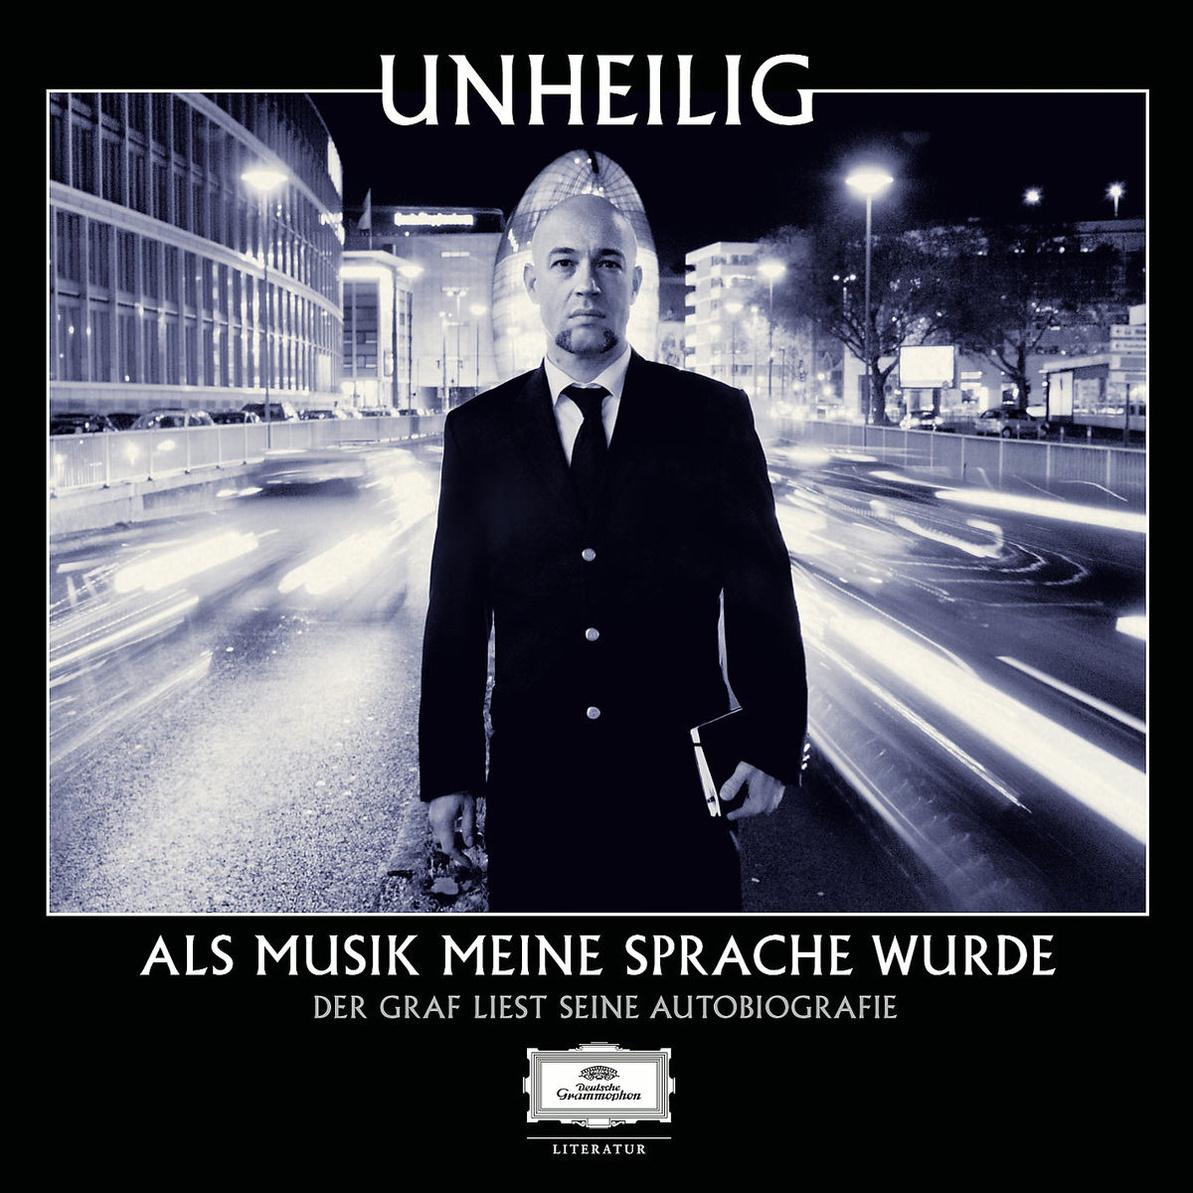 Als Musik meine Sprache wurde: Der Graf liest seine Autobiografie [inkl. Bonus Album: Unheilig - Dreams and Illusions, 5